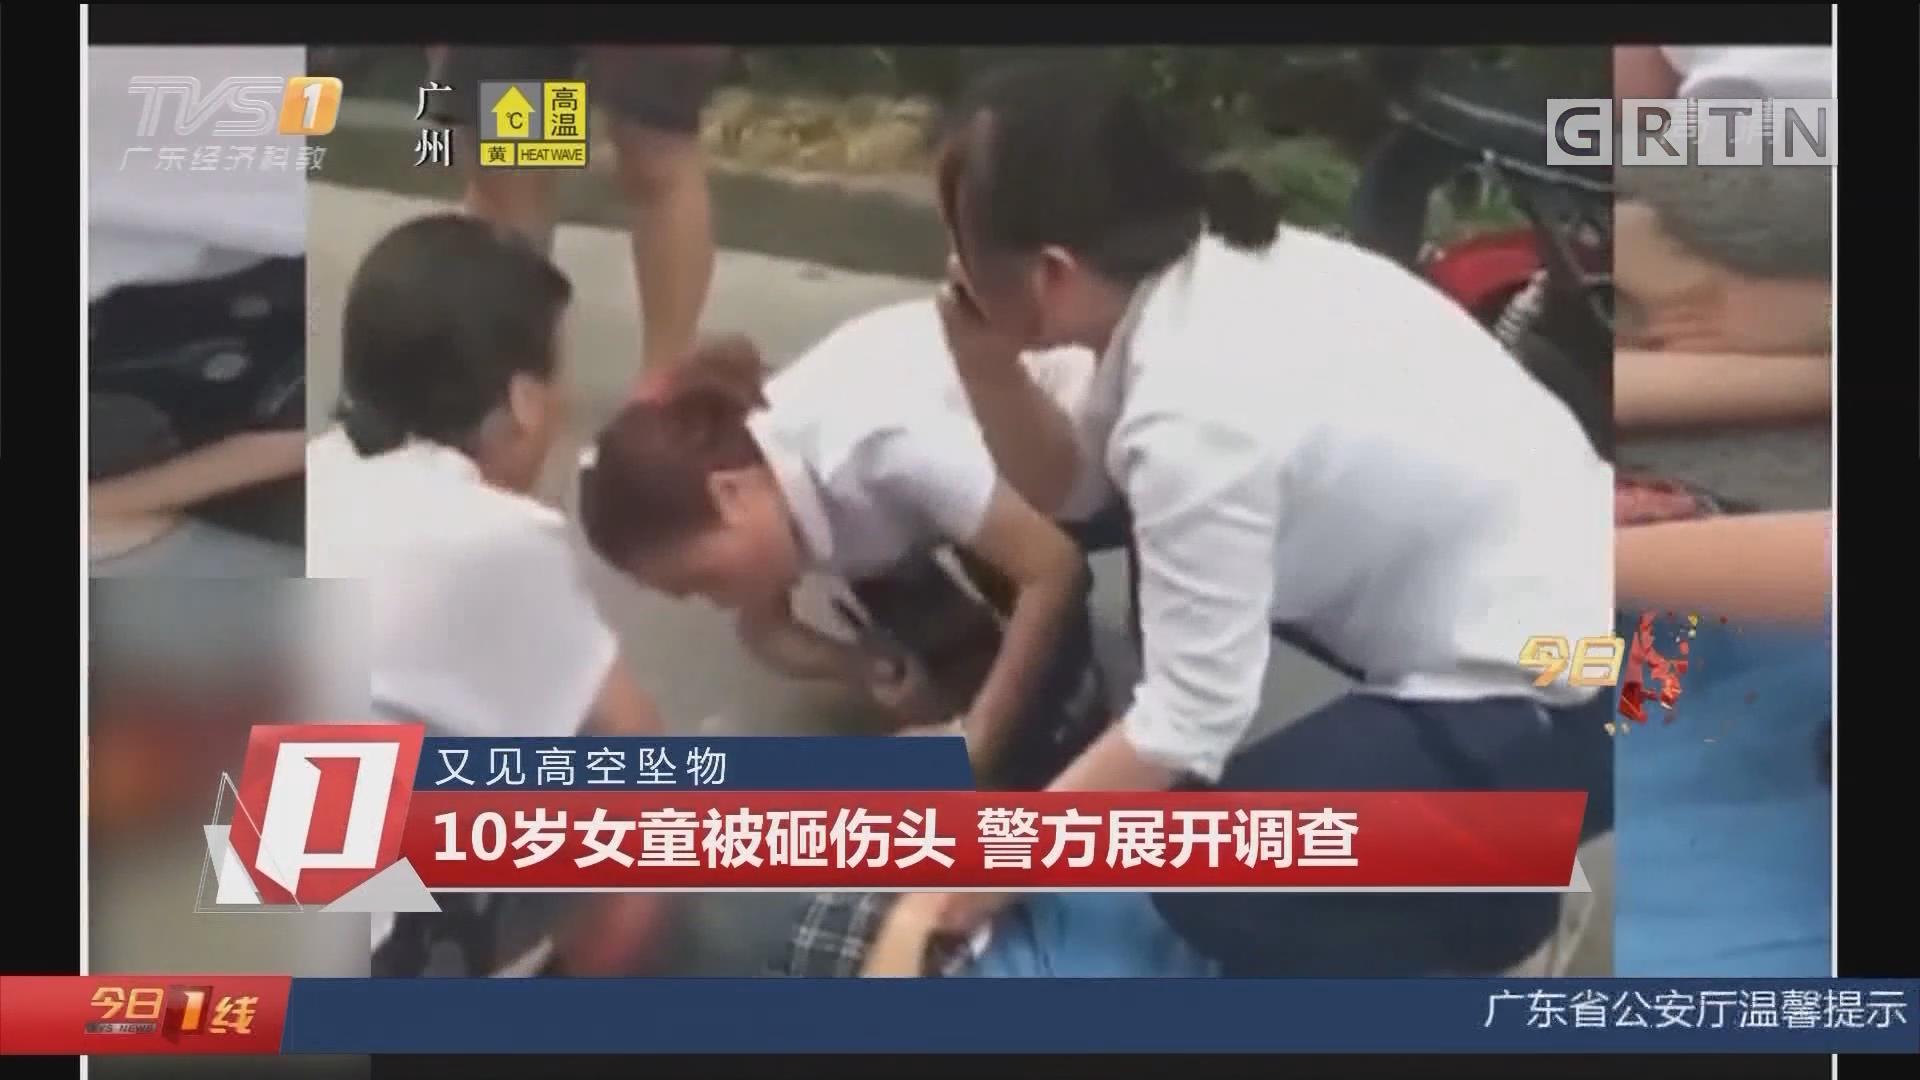 又见高空坠物:10岁女童被砸伤头 警方展开调查